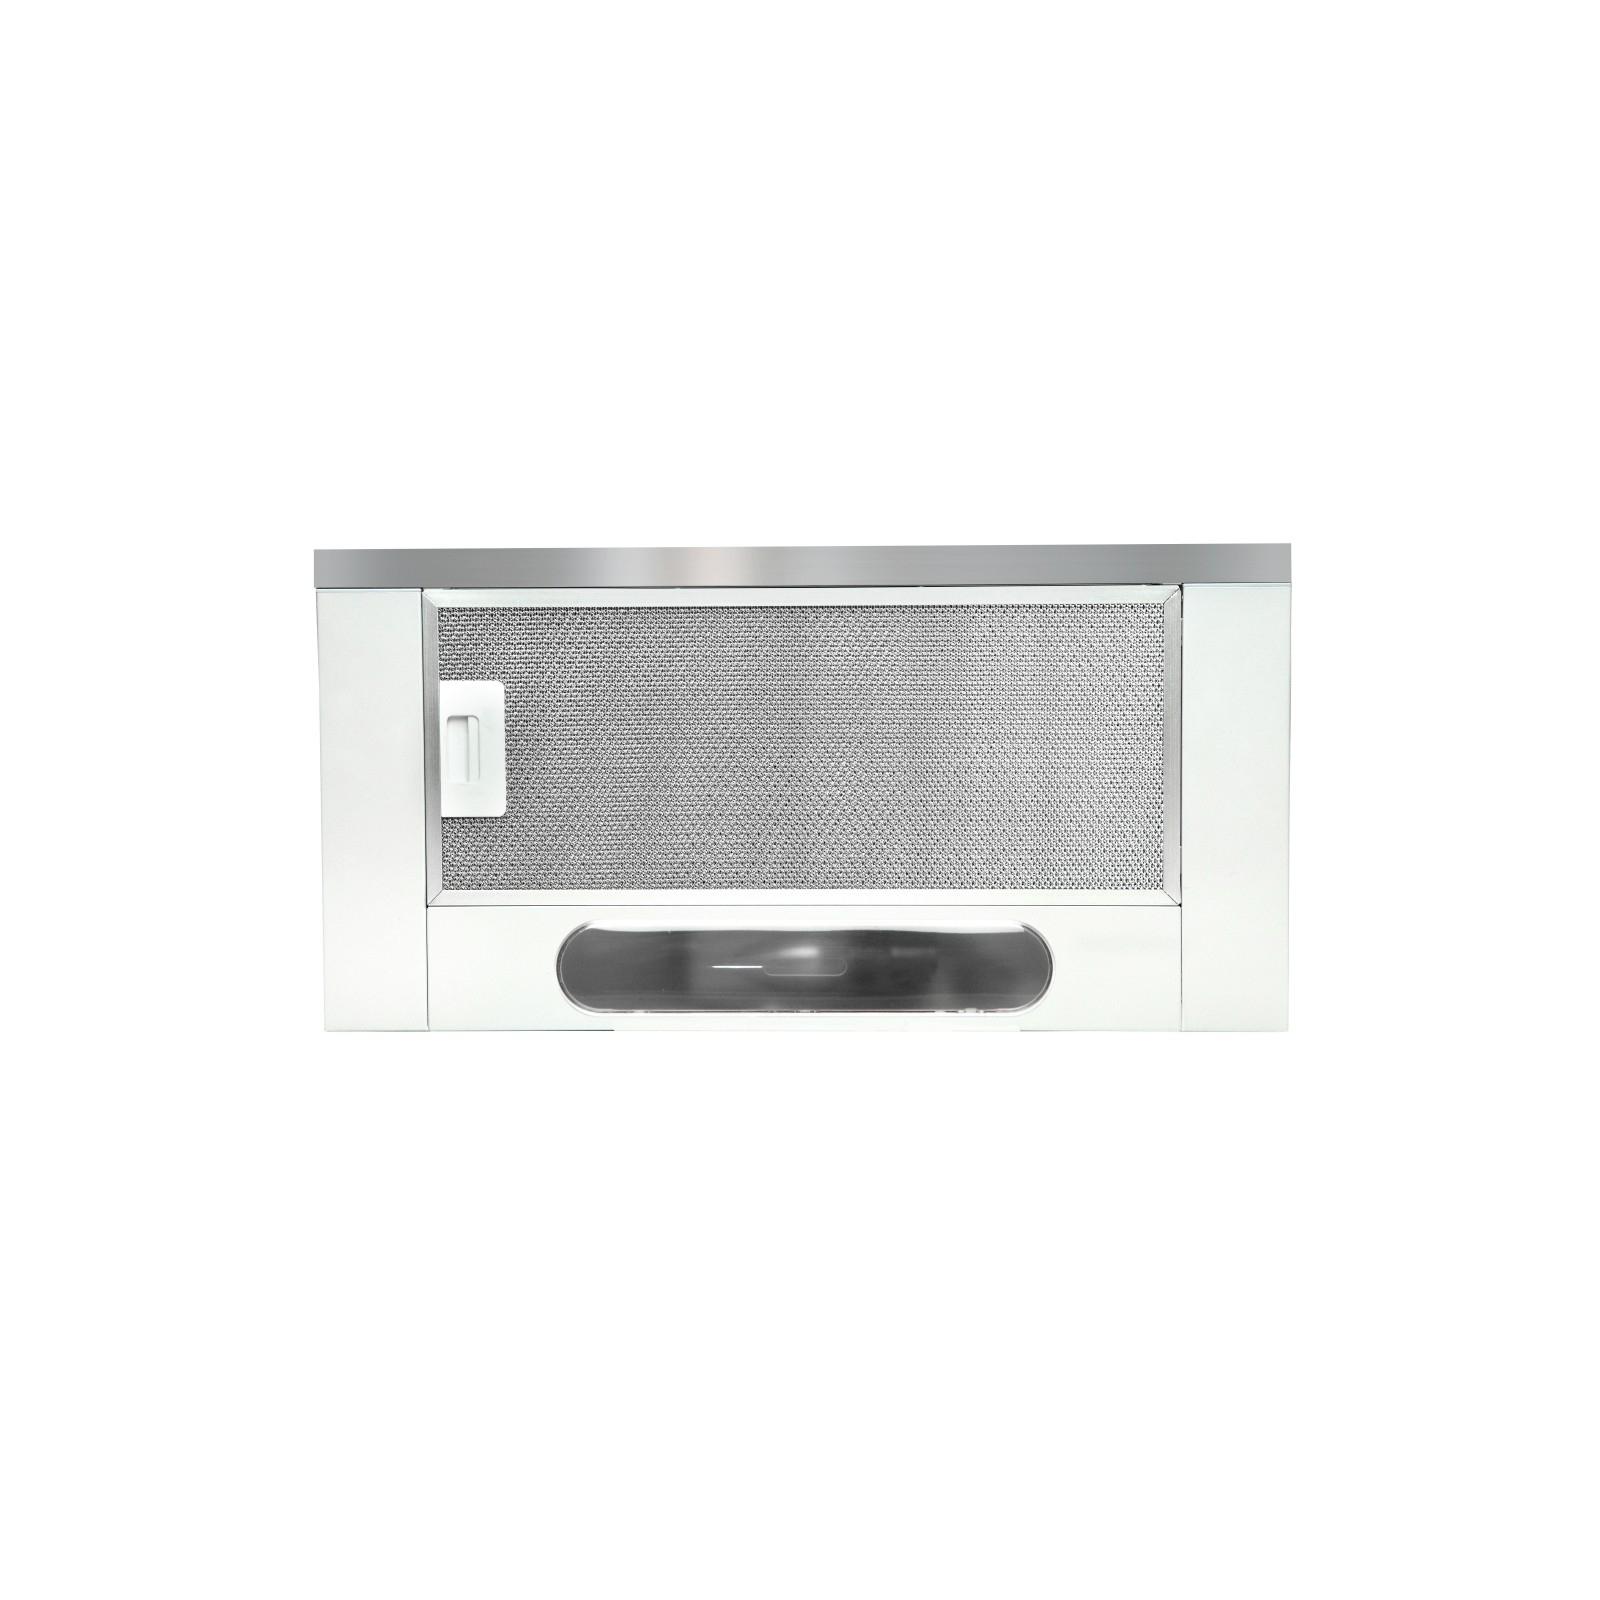 Вытяжка кухонная Eleyus Cyclon 470 60 WH изображение 5